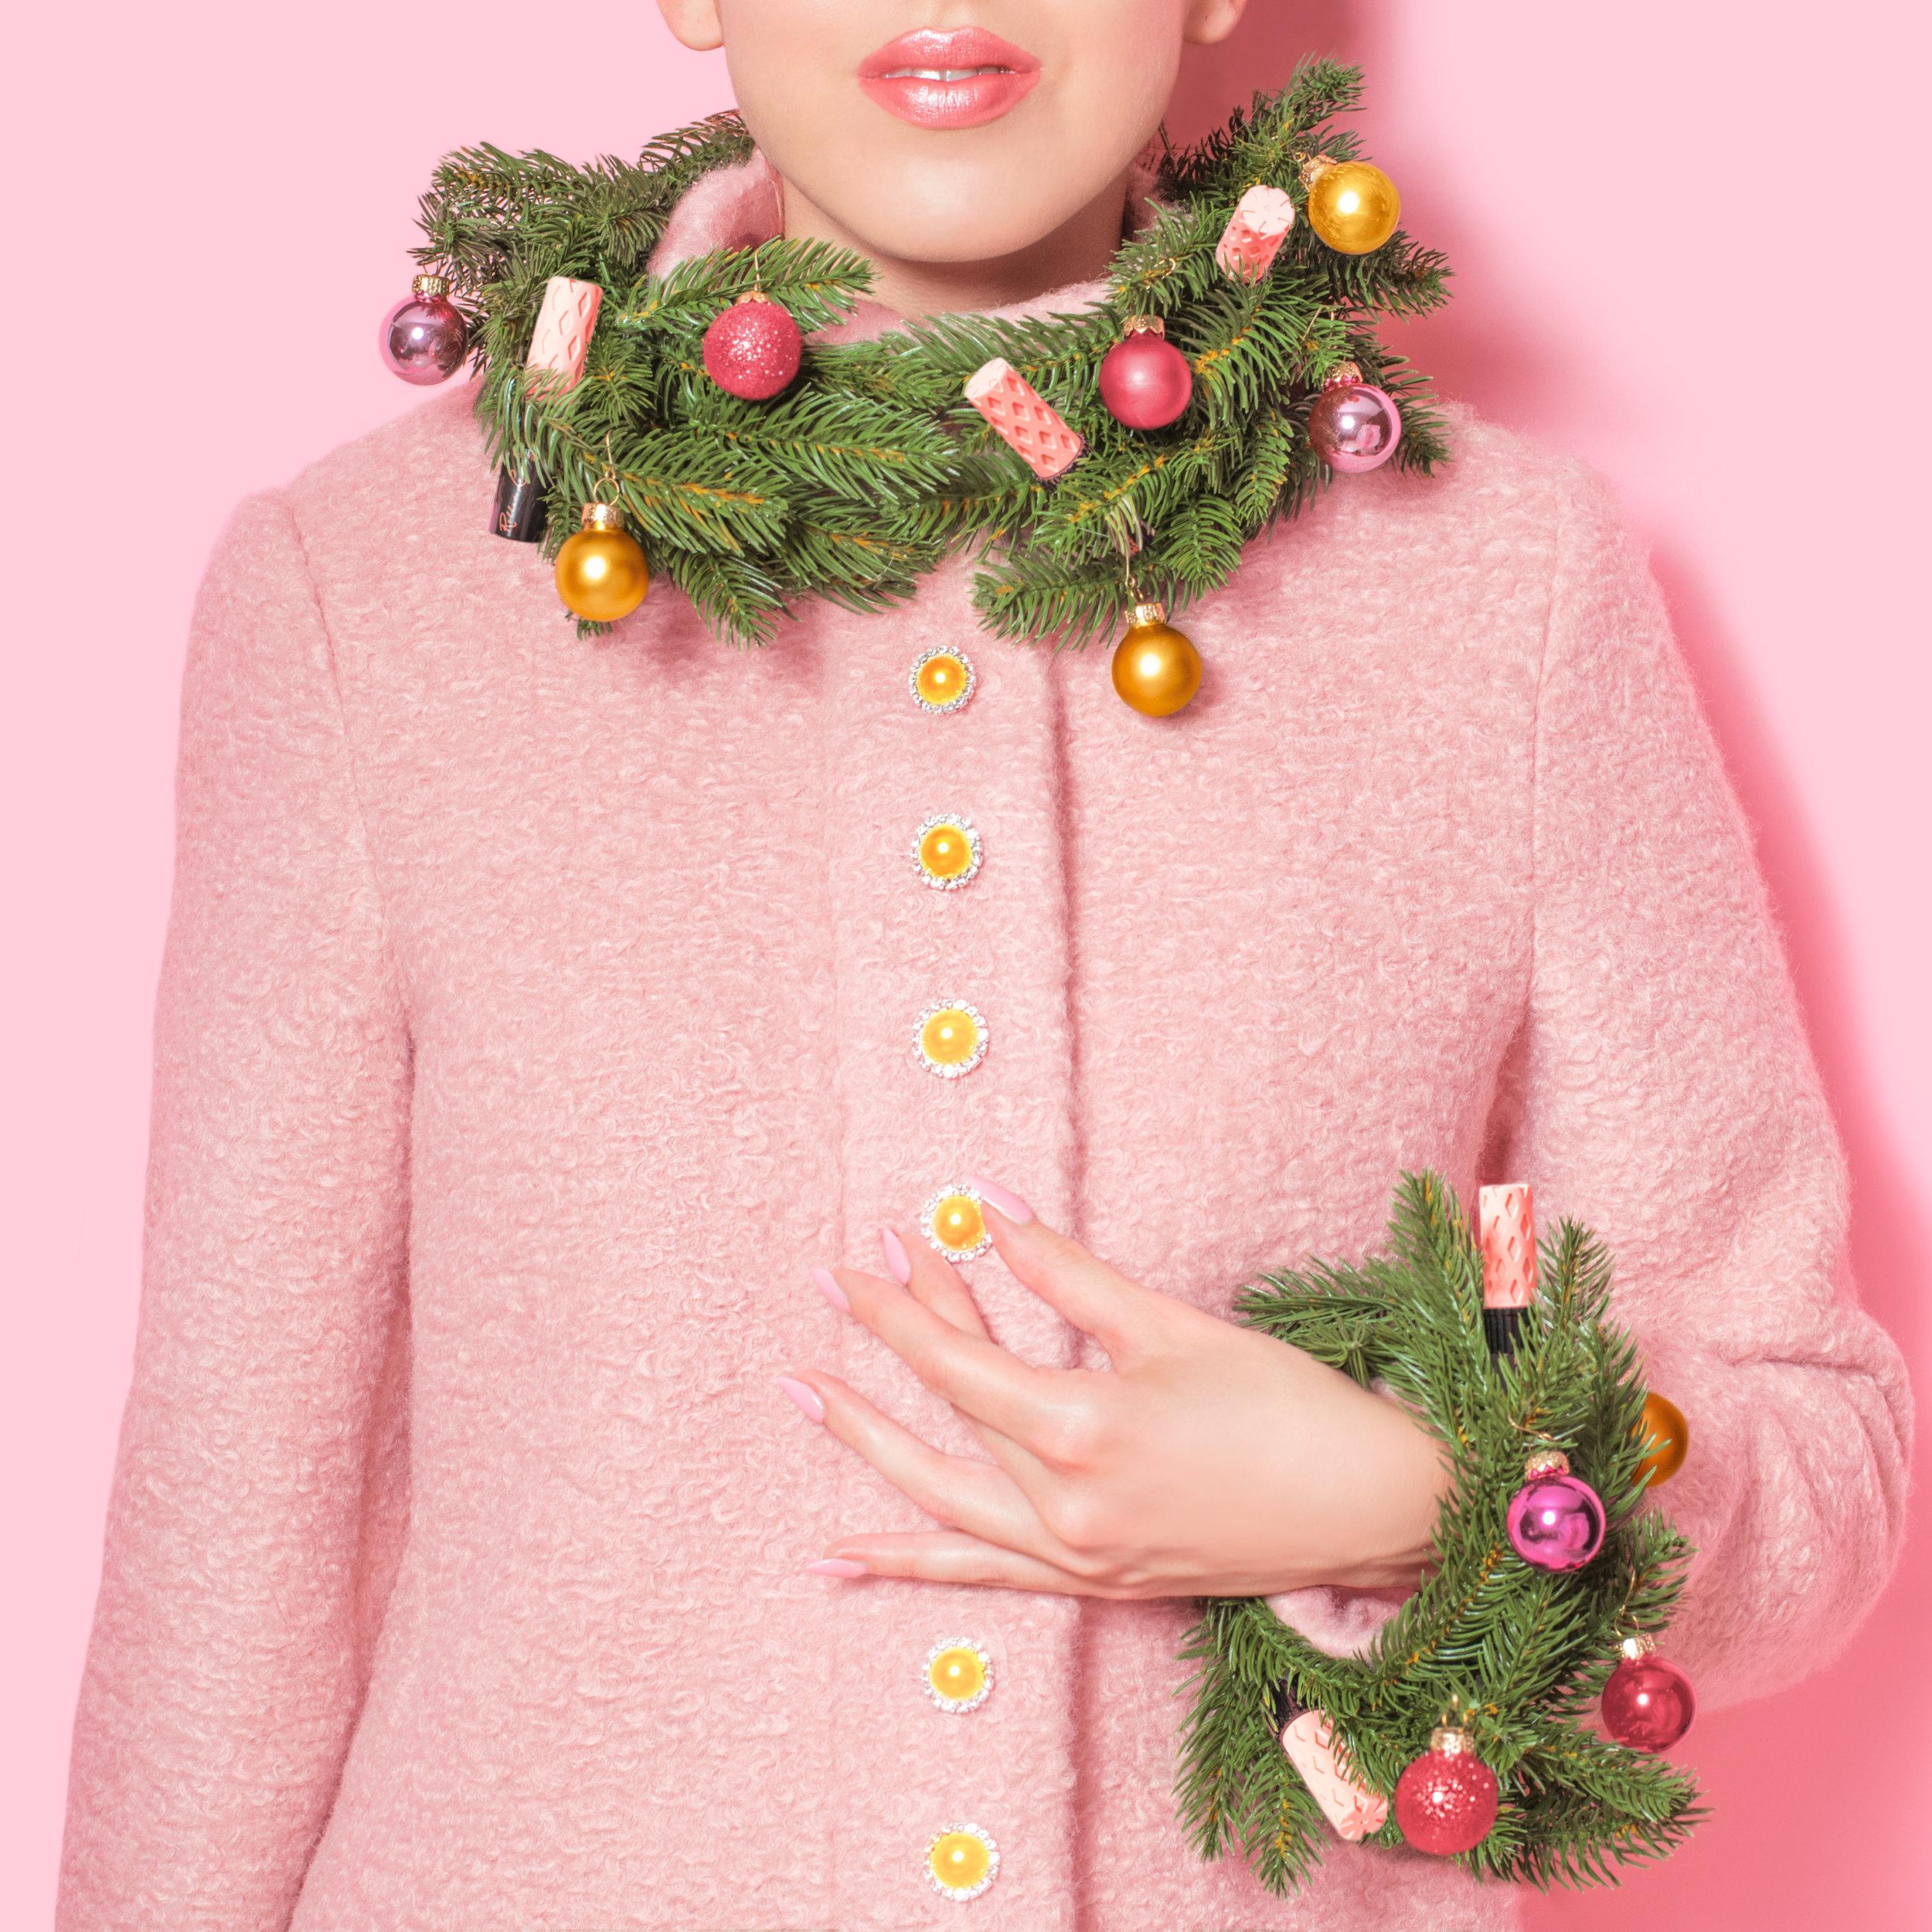 benefit-holiday-fir-coat-02.jpg